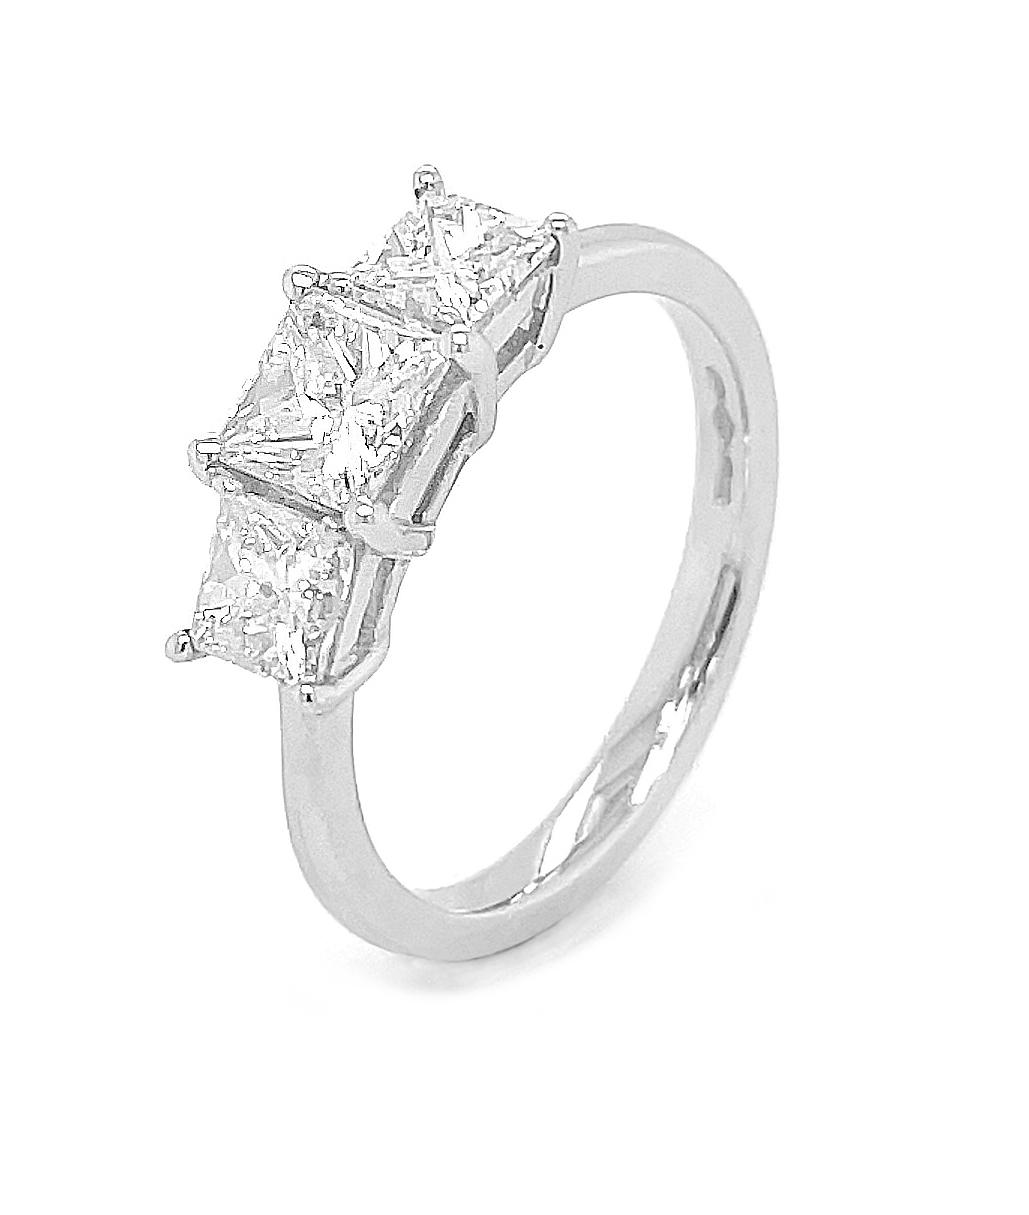 Platinum 3 Stone Princess Cut Diamond Ring